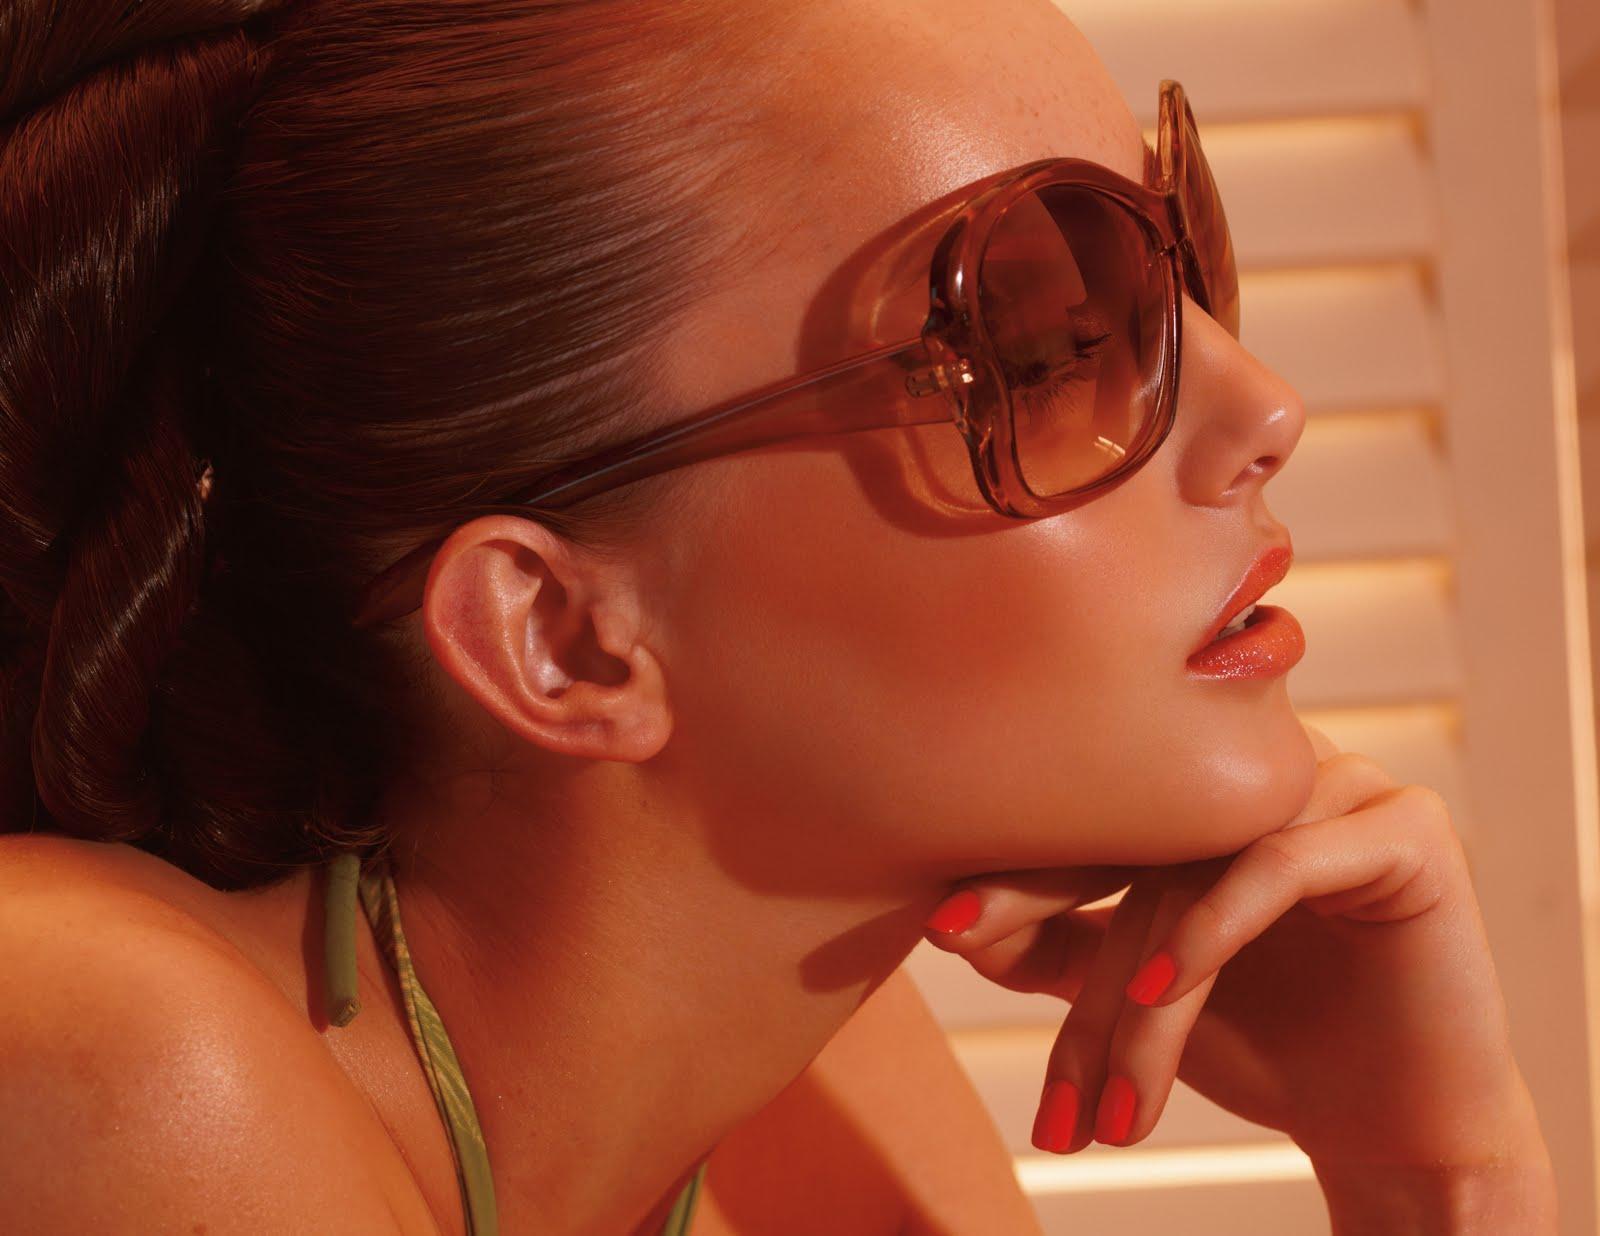 Trattamenti per la pelle dopo le vacanze: idee consigli